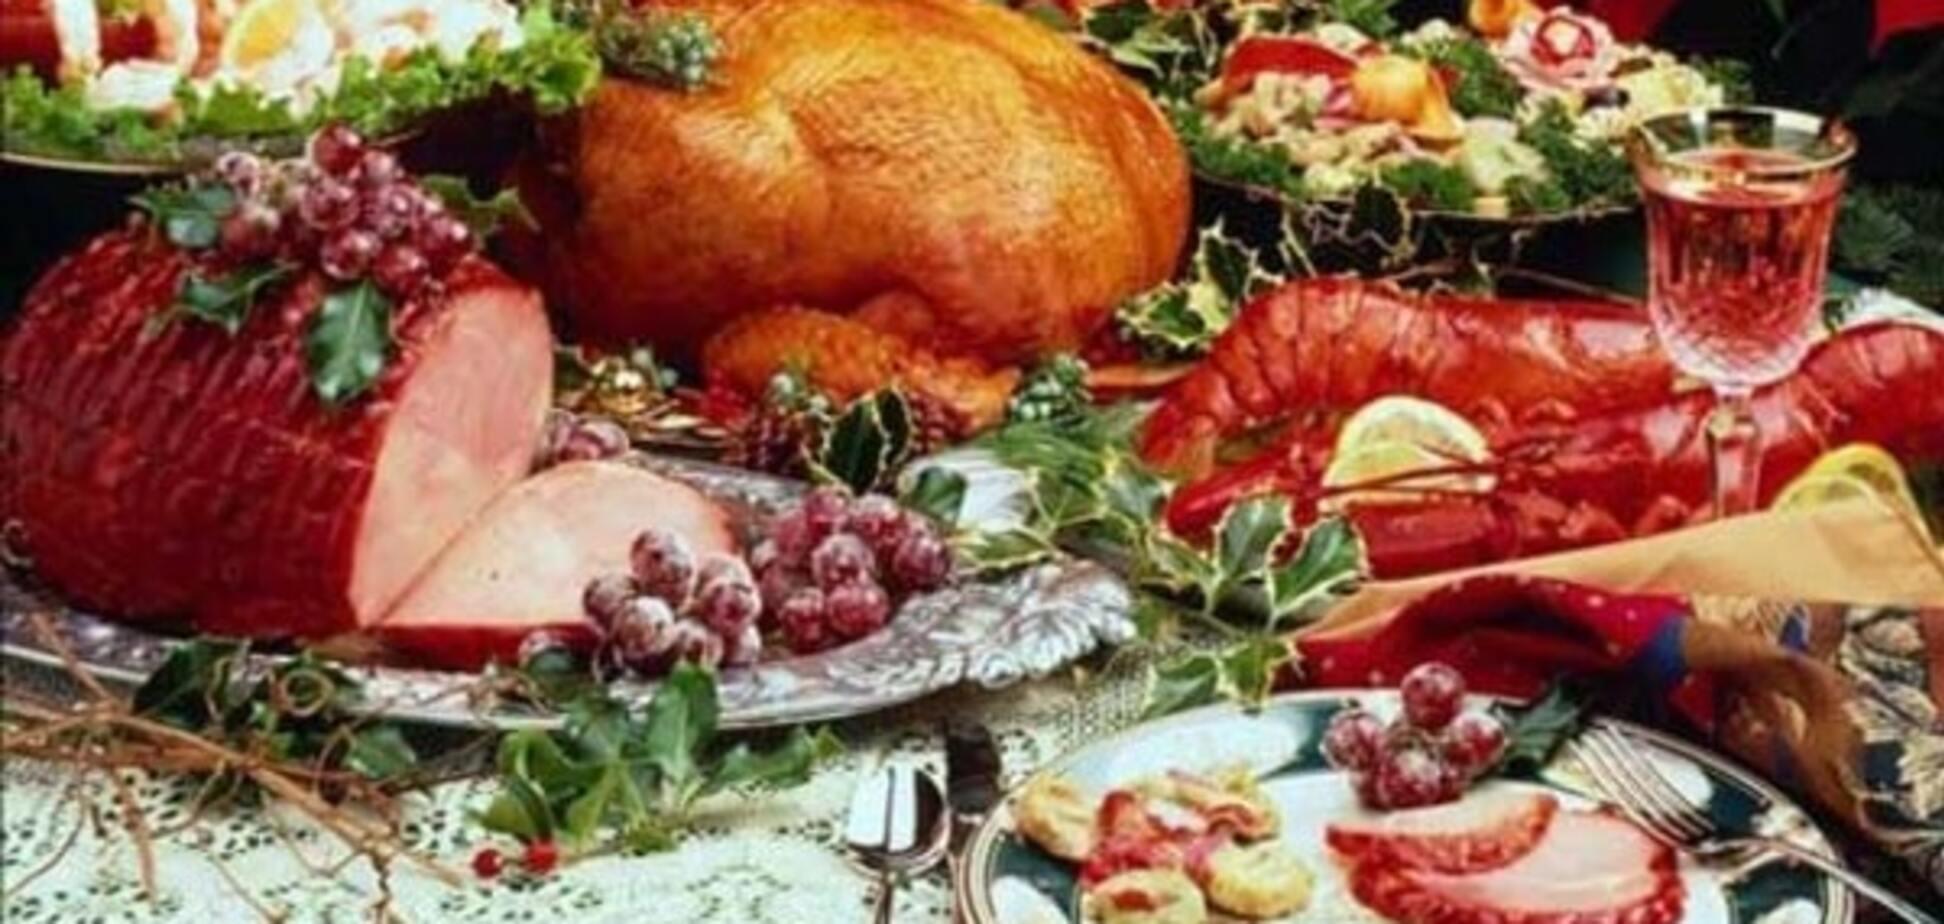 Пока народ голодает: в сети показали меню из столовой 'Совмина ЛНР'